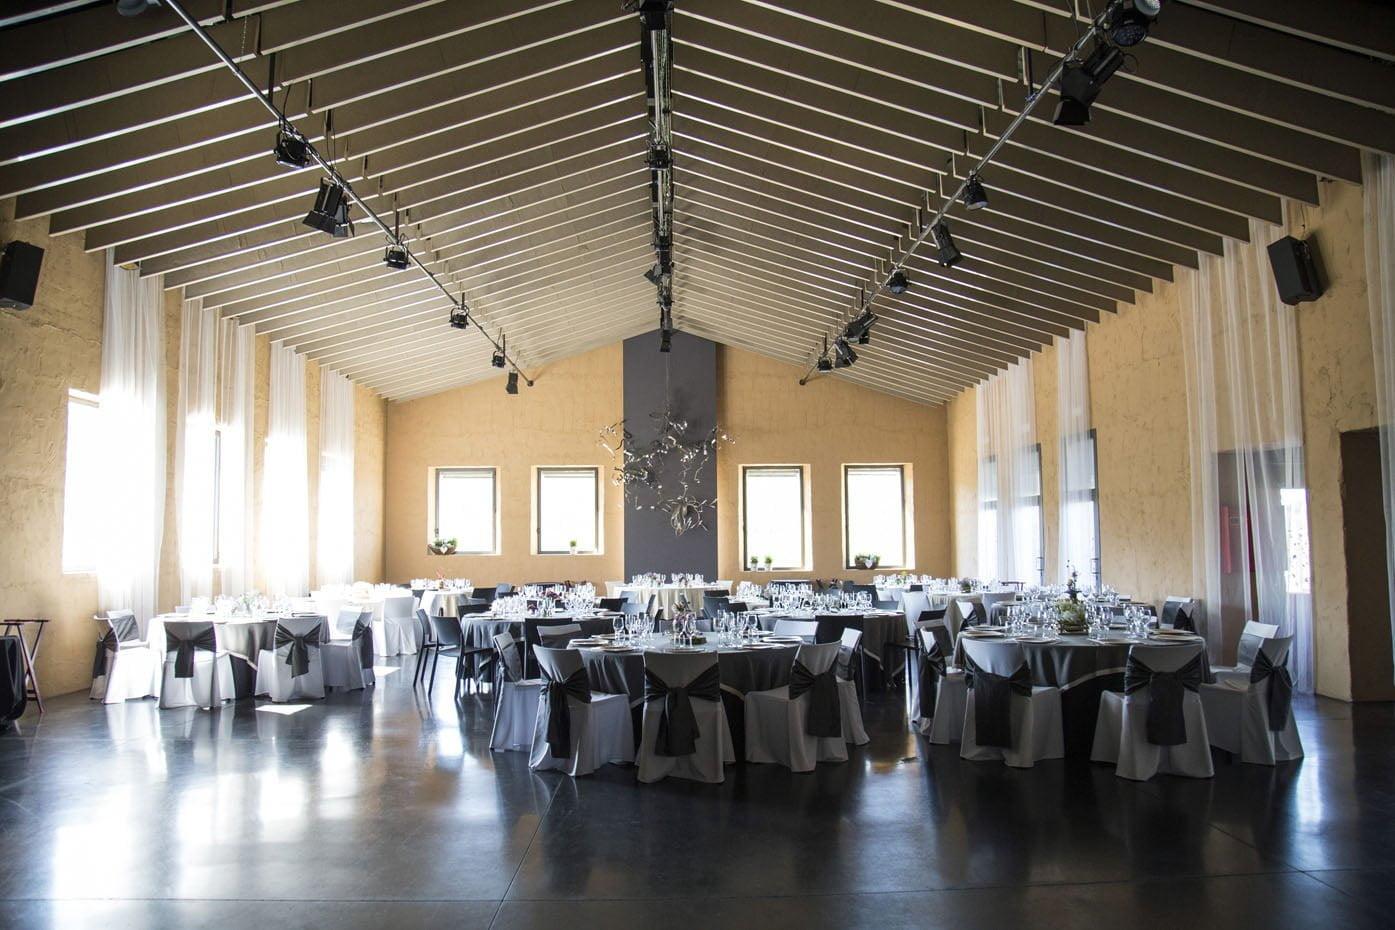 Casaments-ca-nalzina-espai-gastronomia11